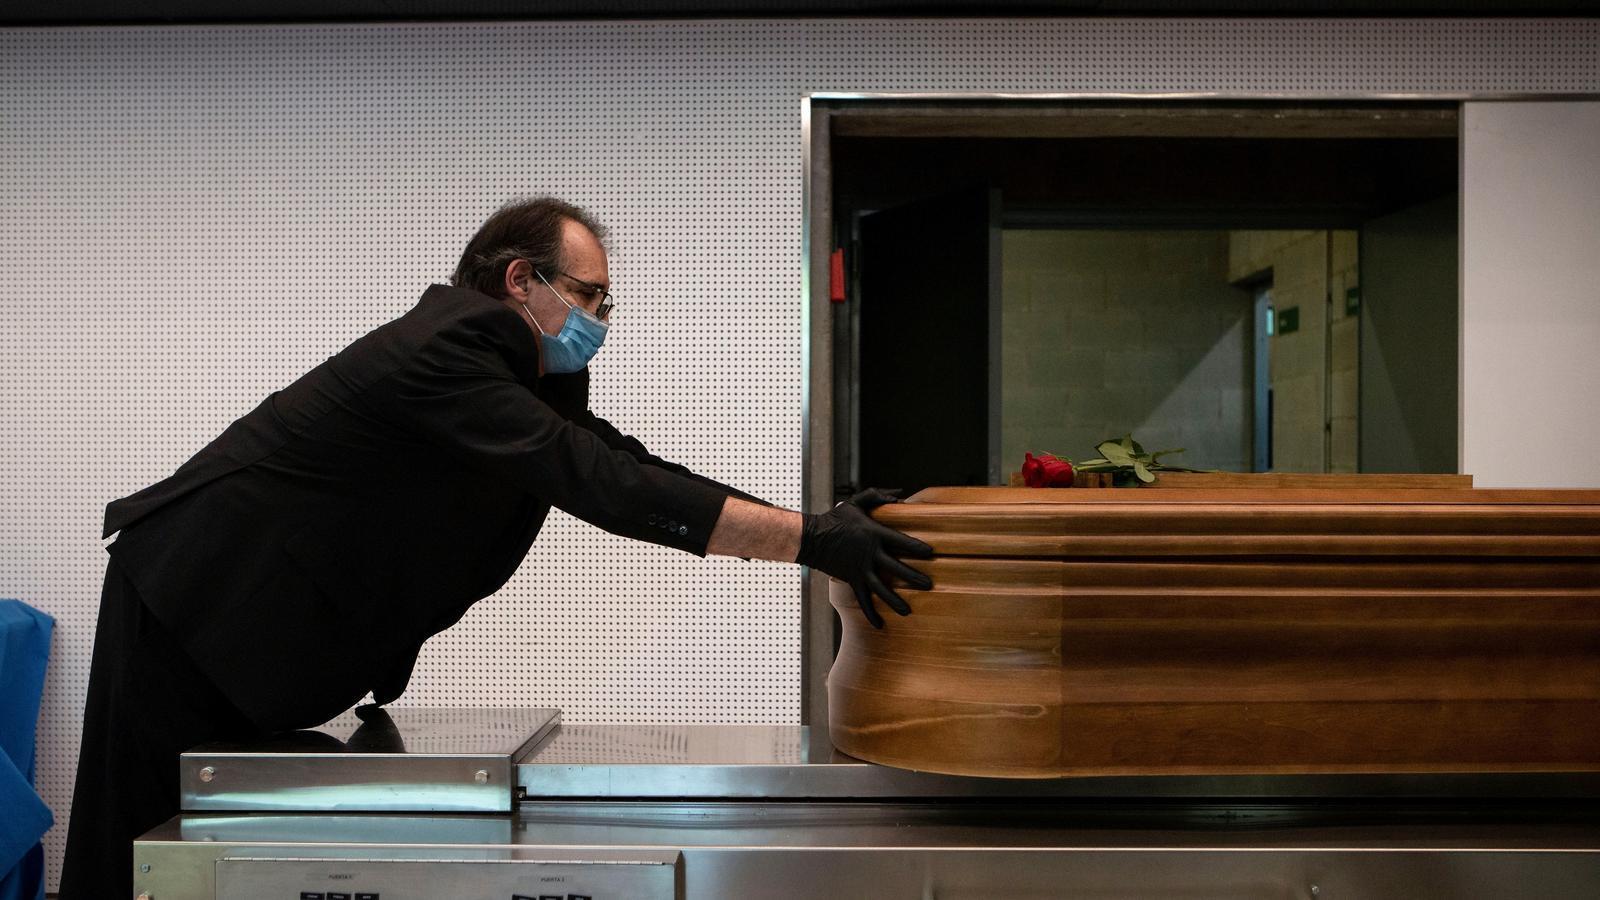 Ajudar a morir: com regulem la desesperació?